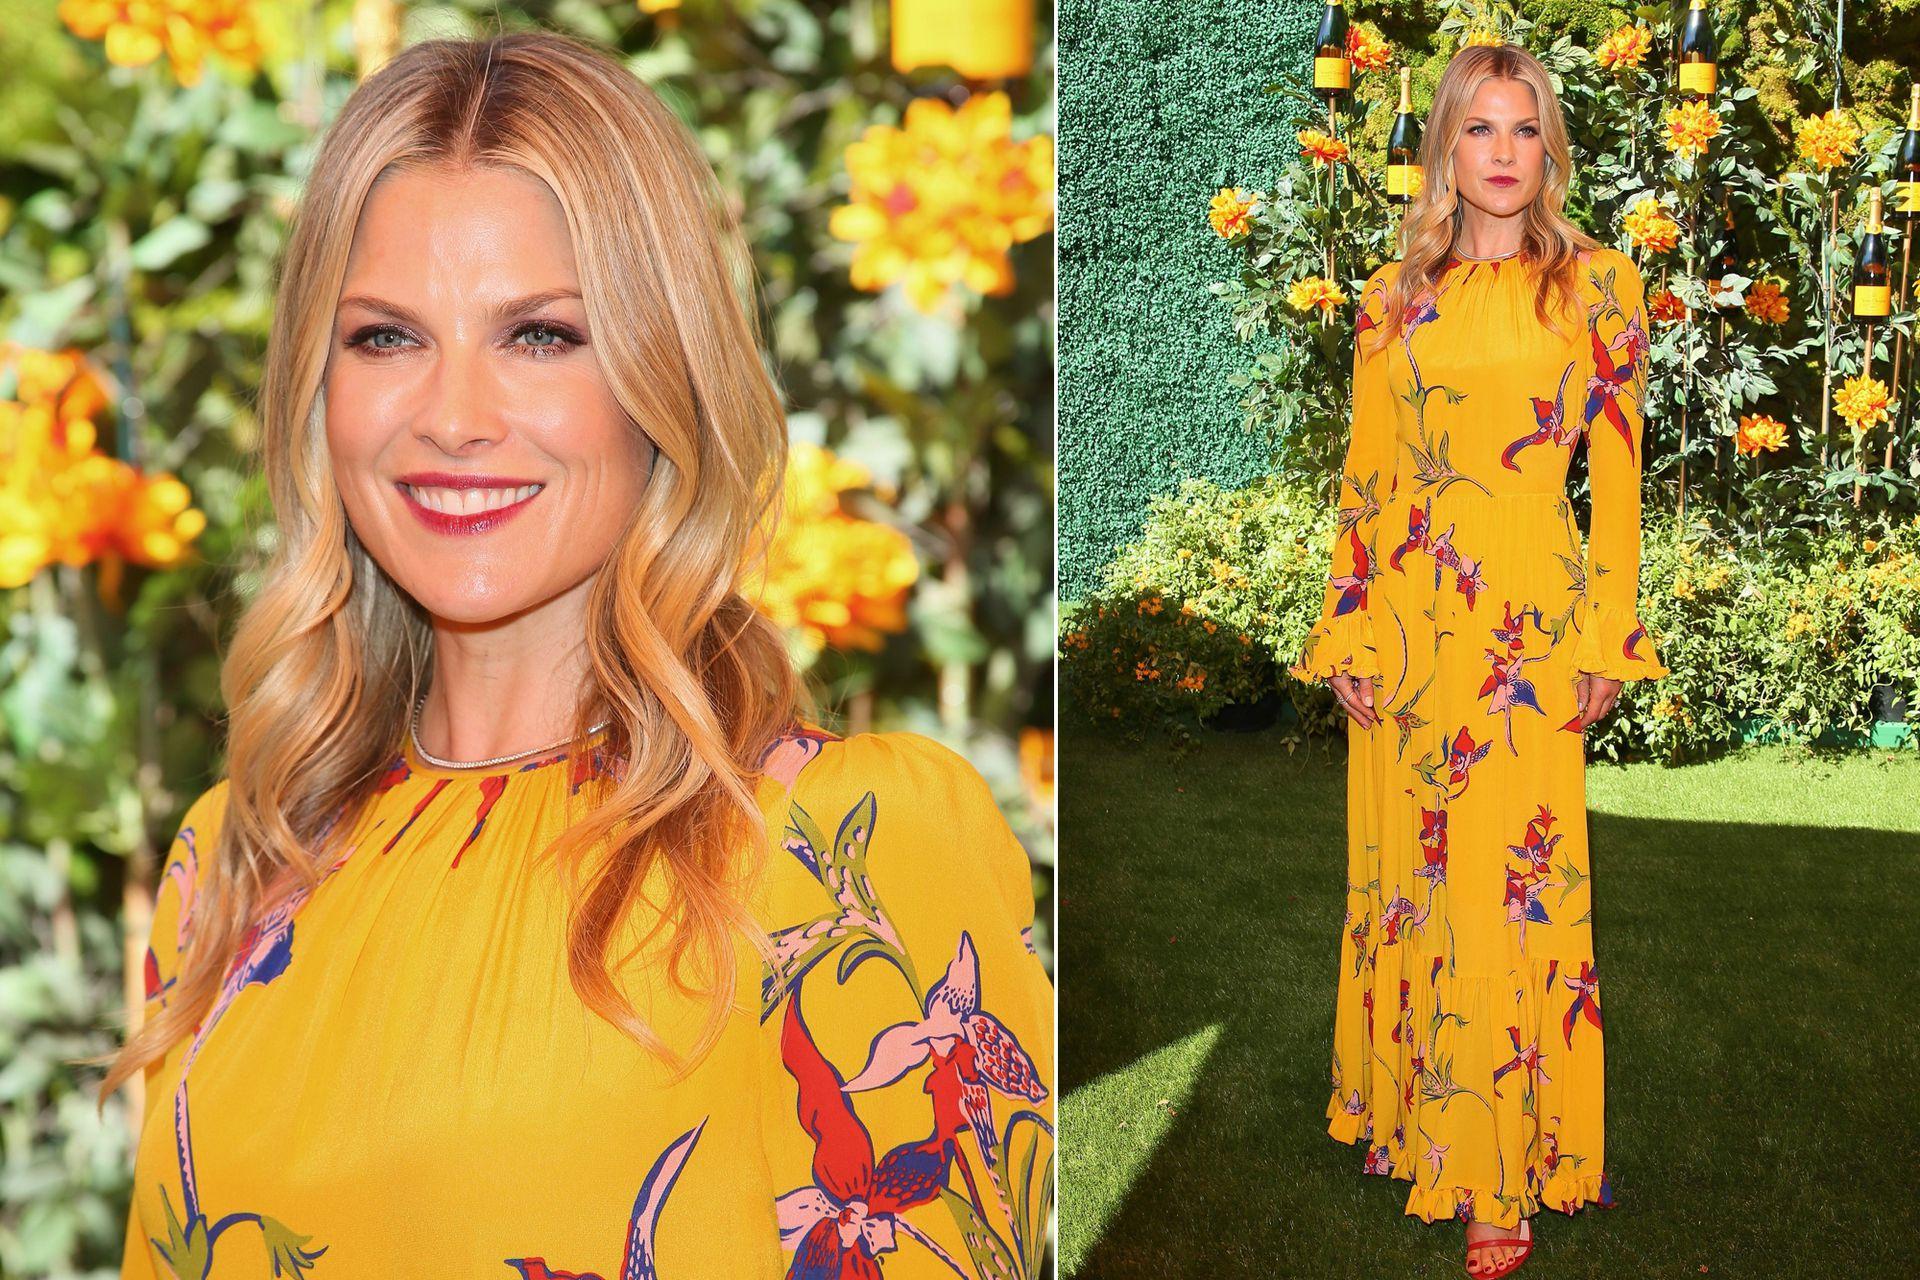 La actriz Ali Larter, con un llamativo vestido amarillo que hizo juego con las flores del lugar